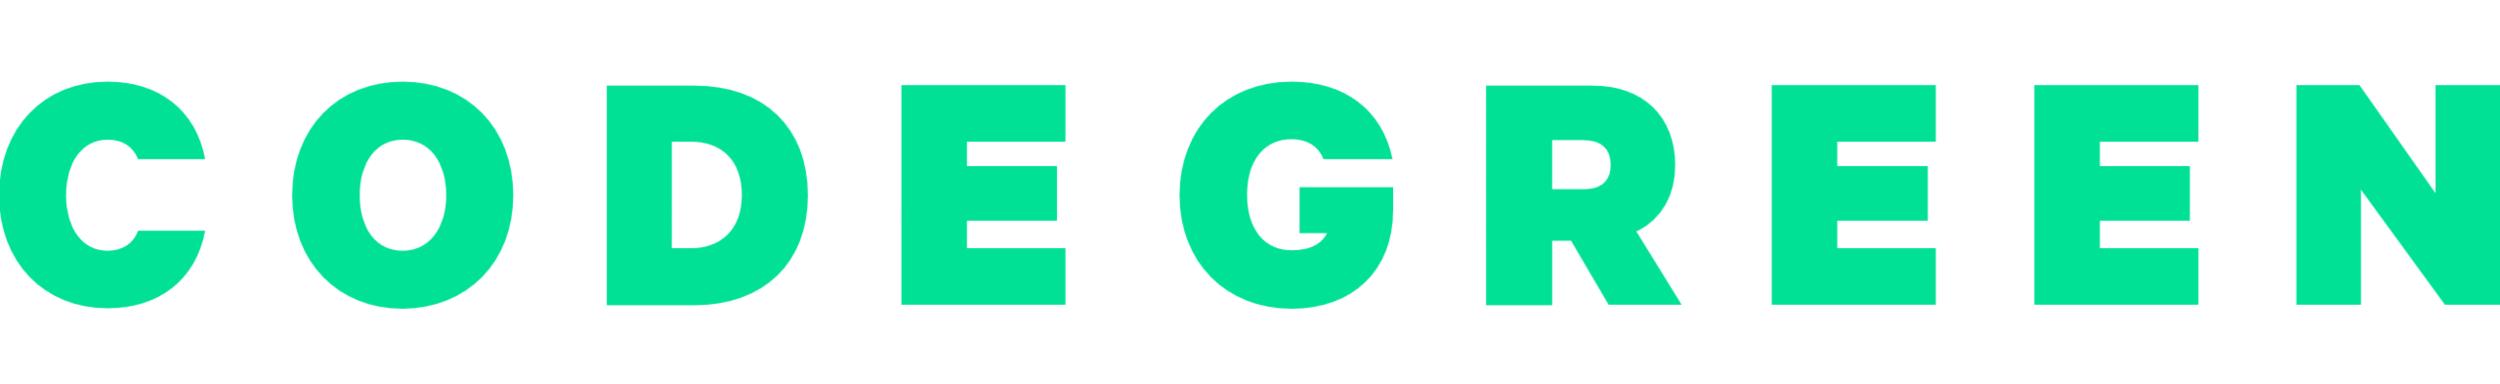 codegreenlogo2.png